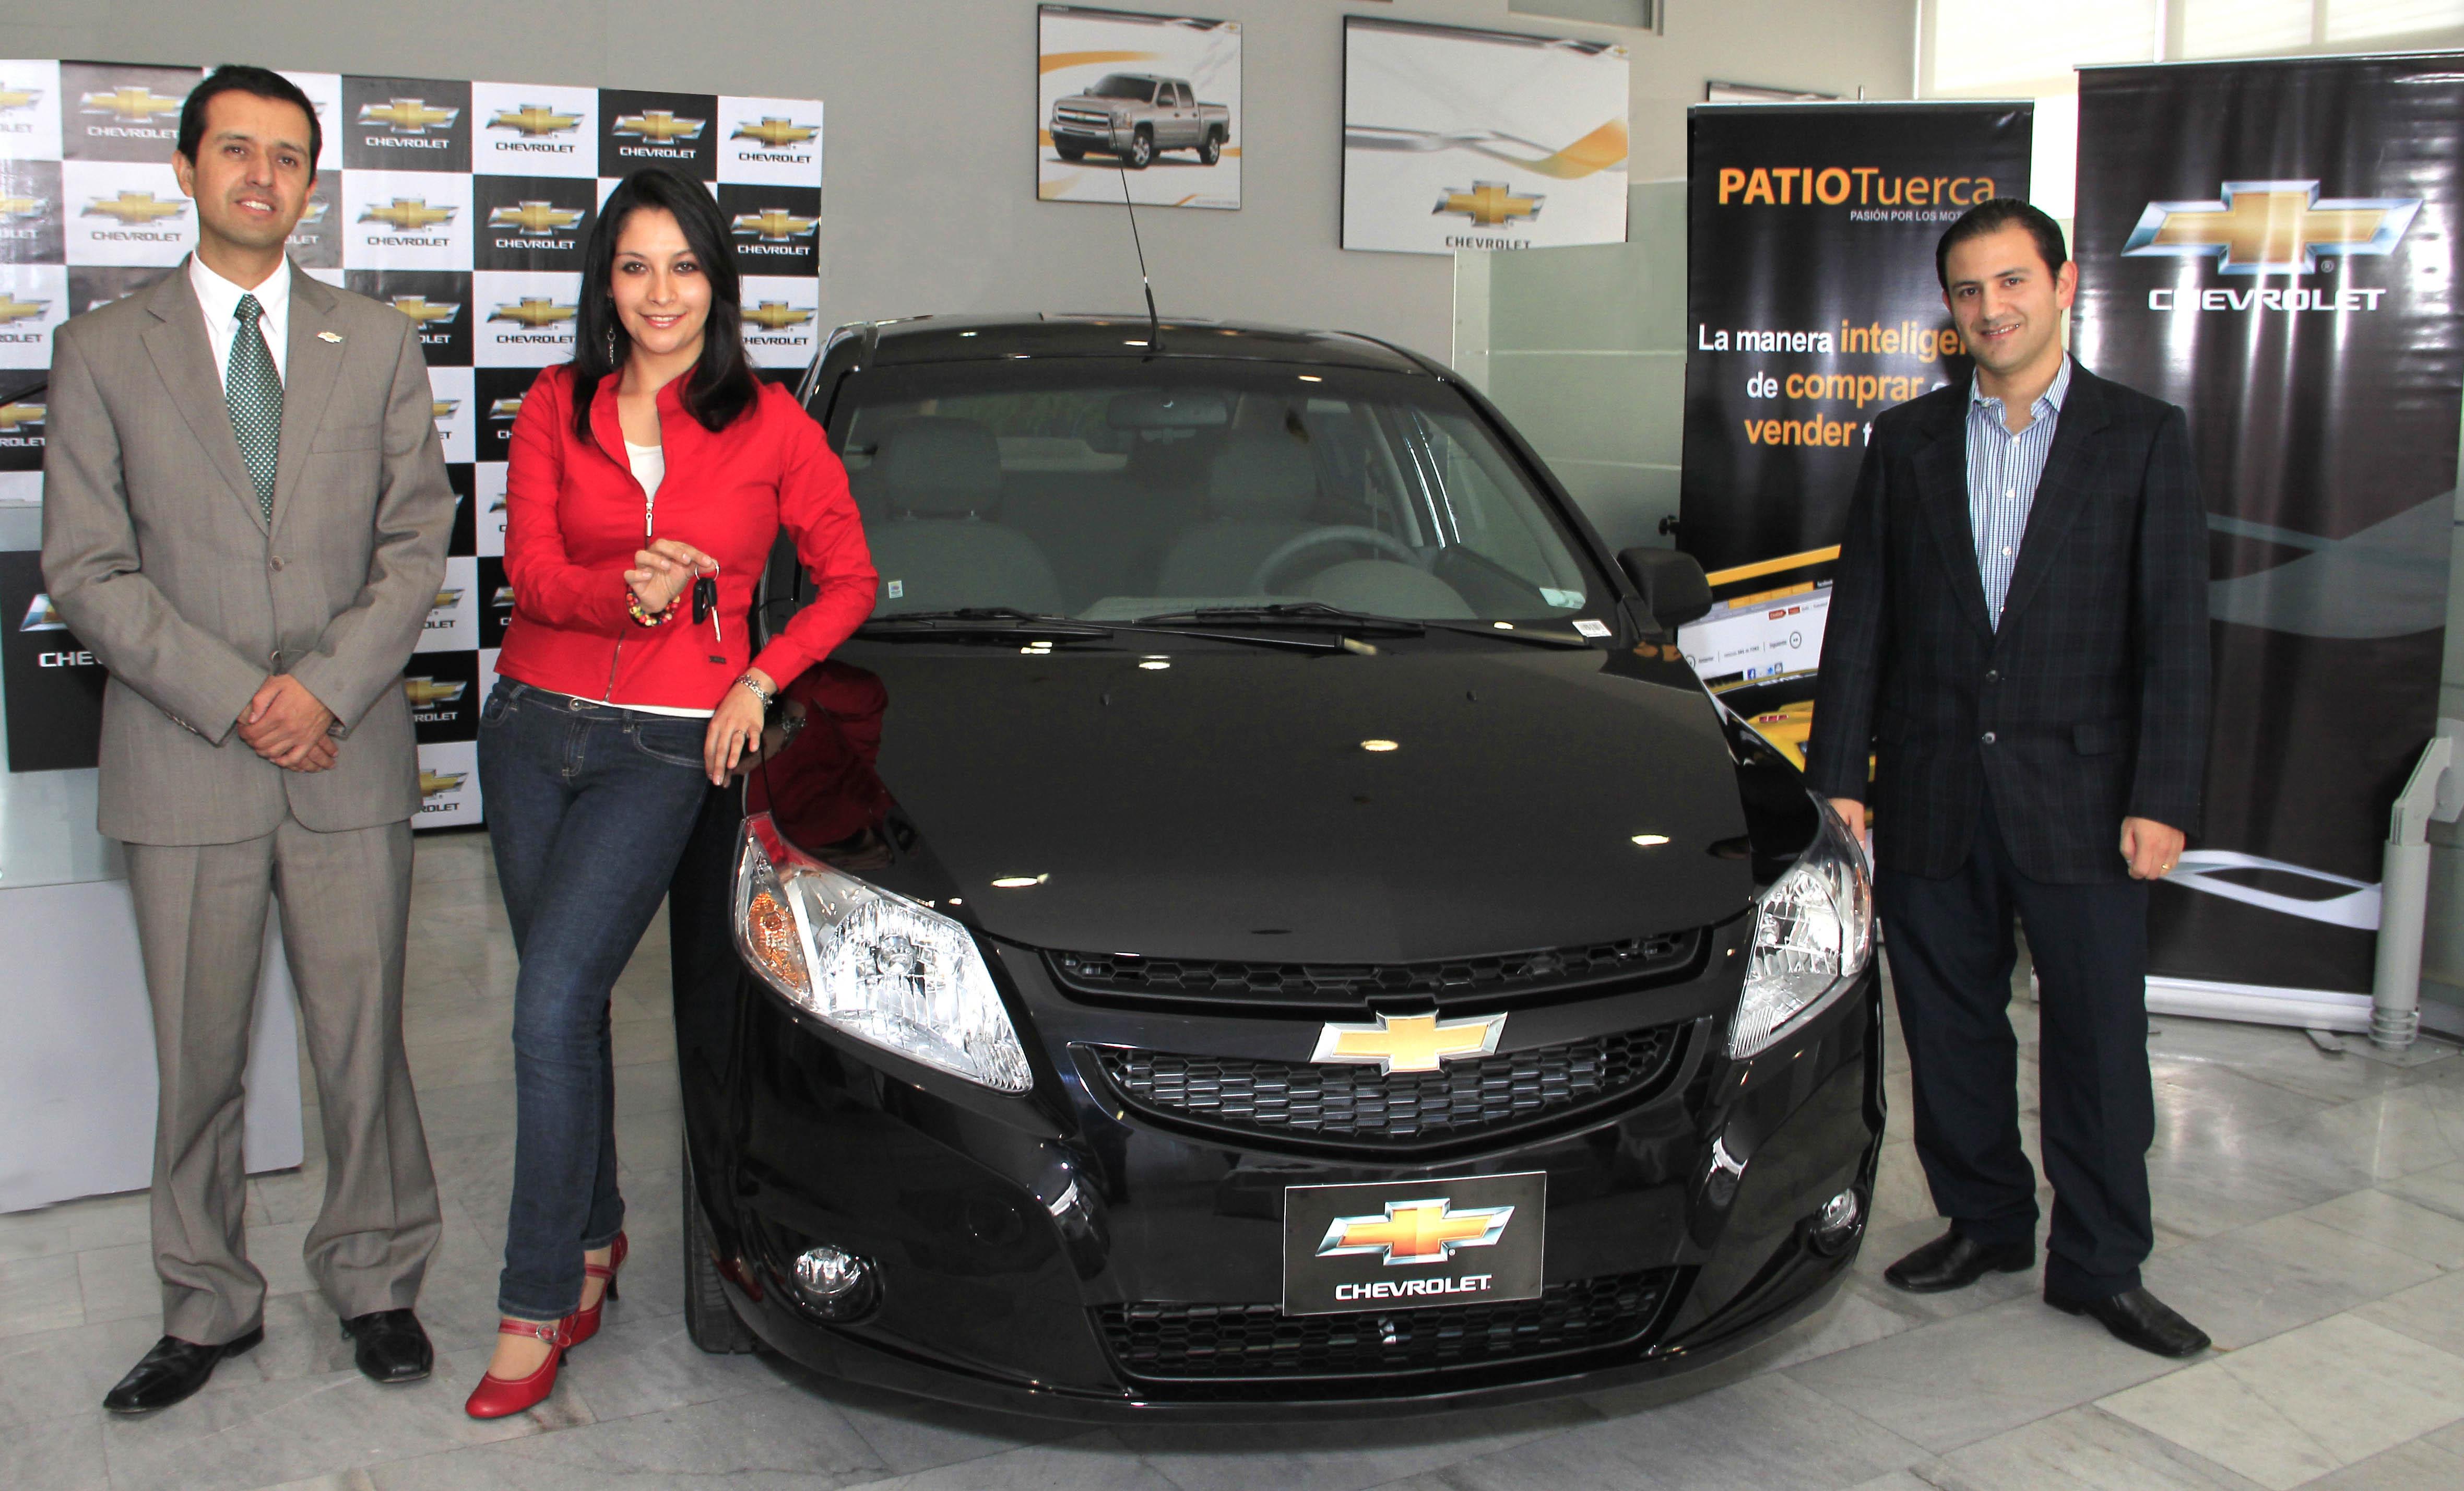 Chevrolet y Patio Tuerca revolucionan los medios digitales y